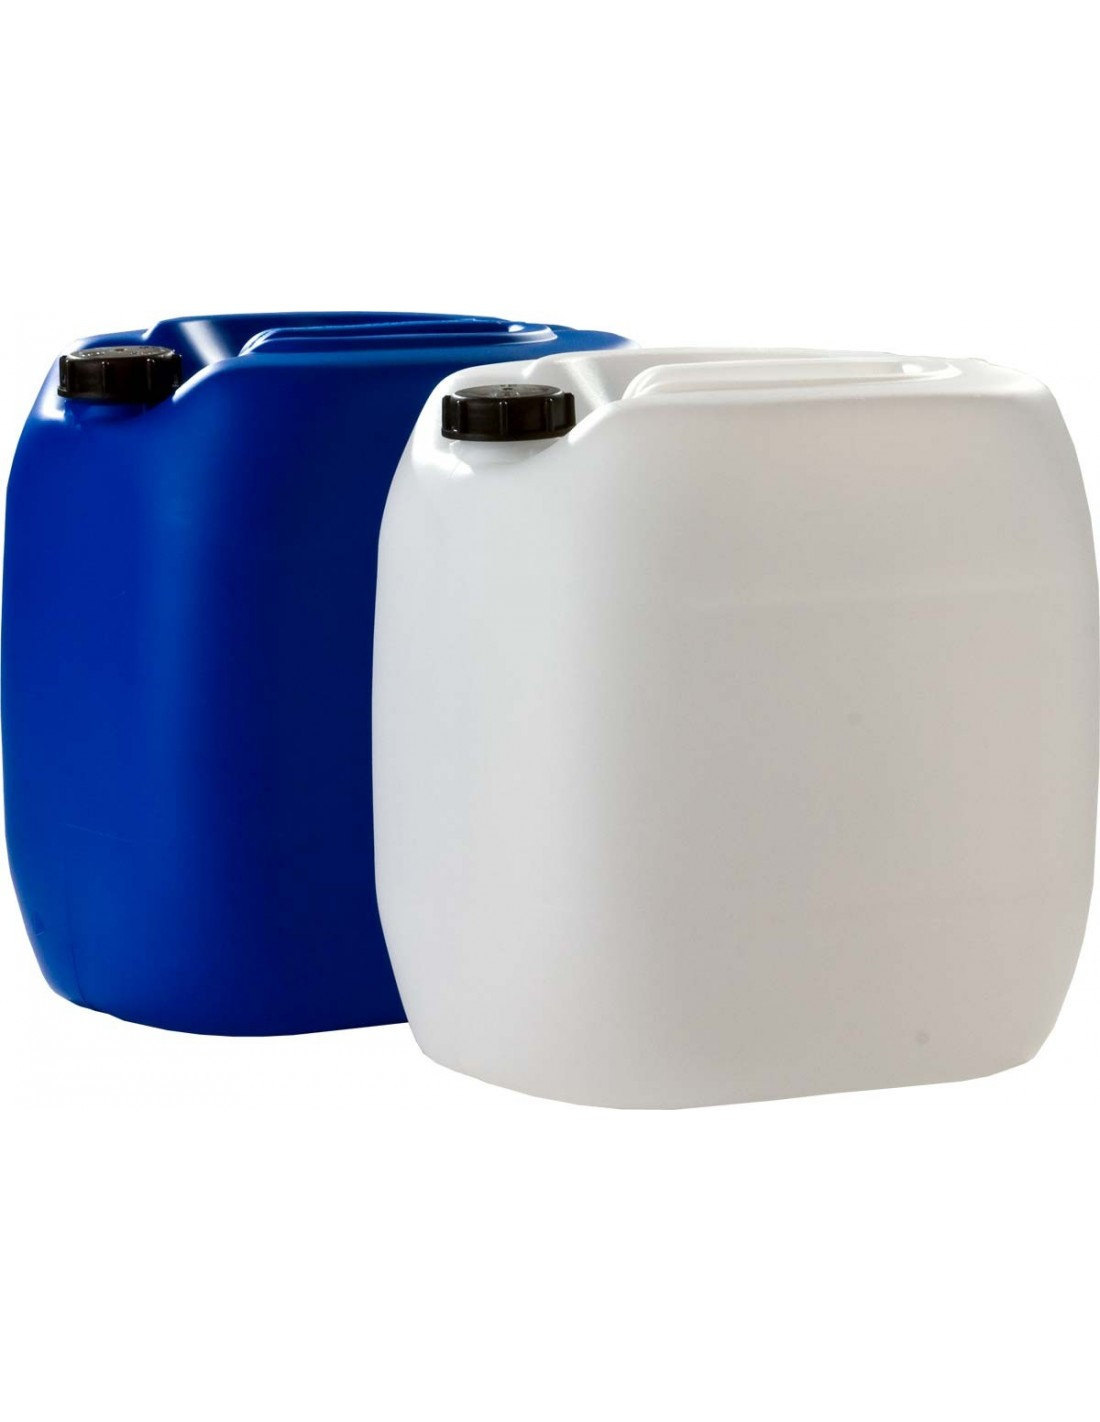 30 Liter Kanister 1150g inkl. Normal-Verschluss, UN-X